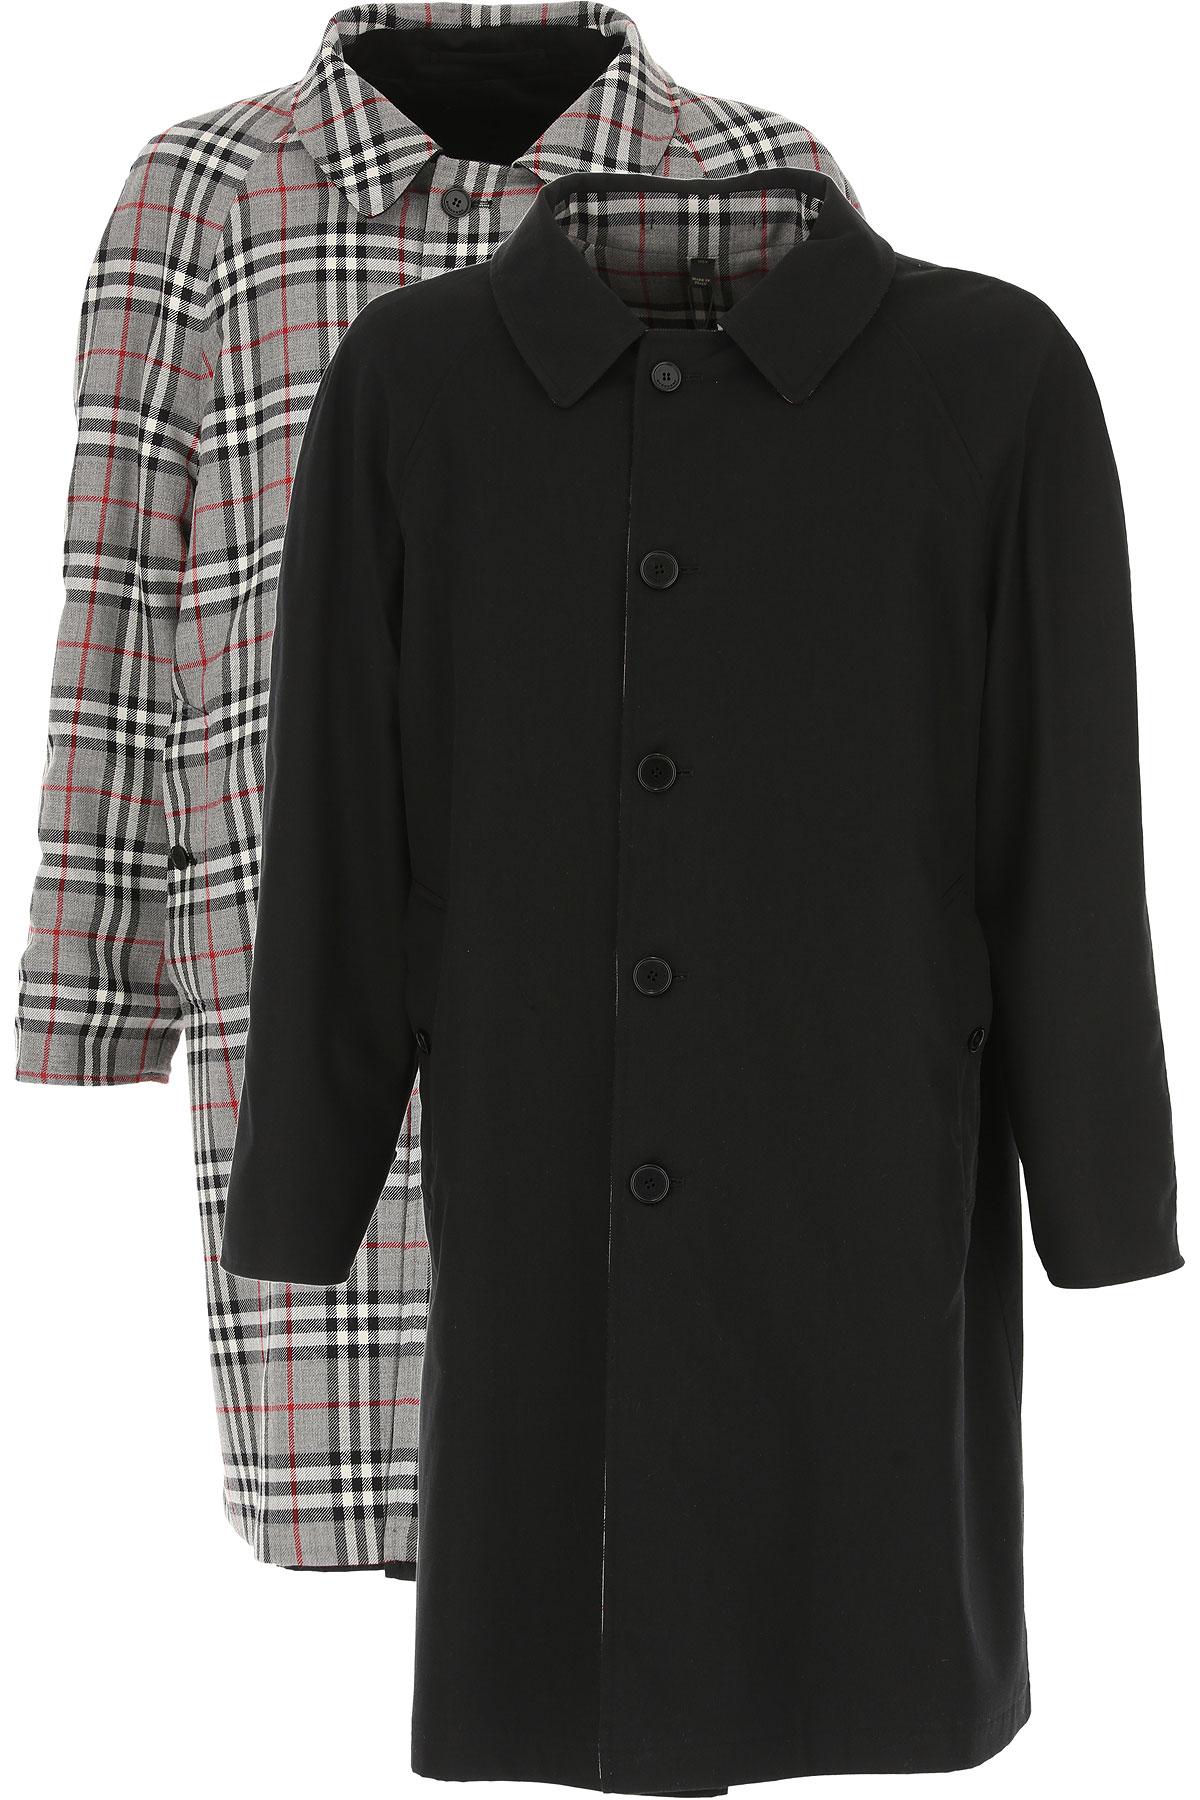 Image of Burberry Men\'s Coat, Black, Cotton, 2017, L M